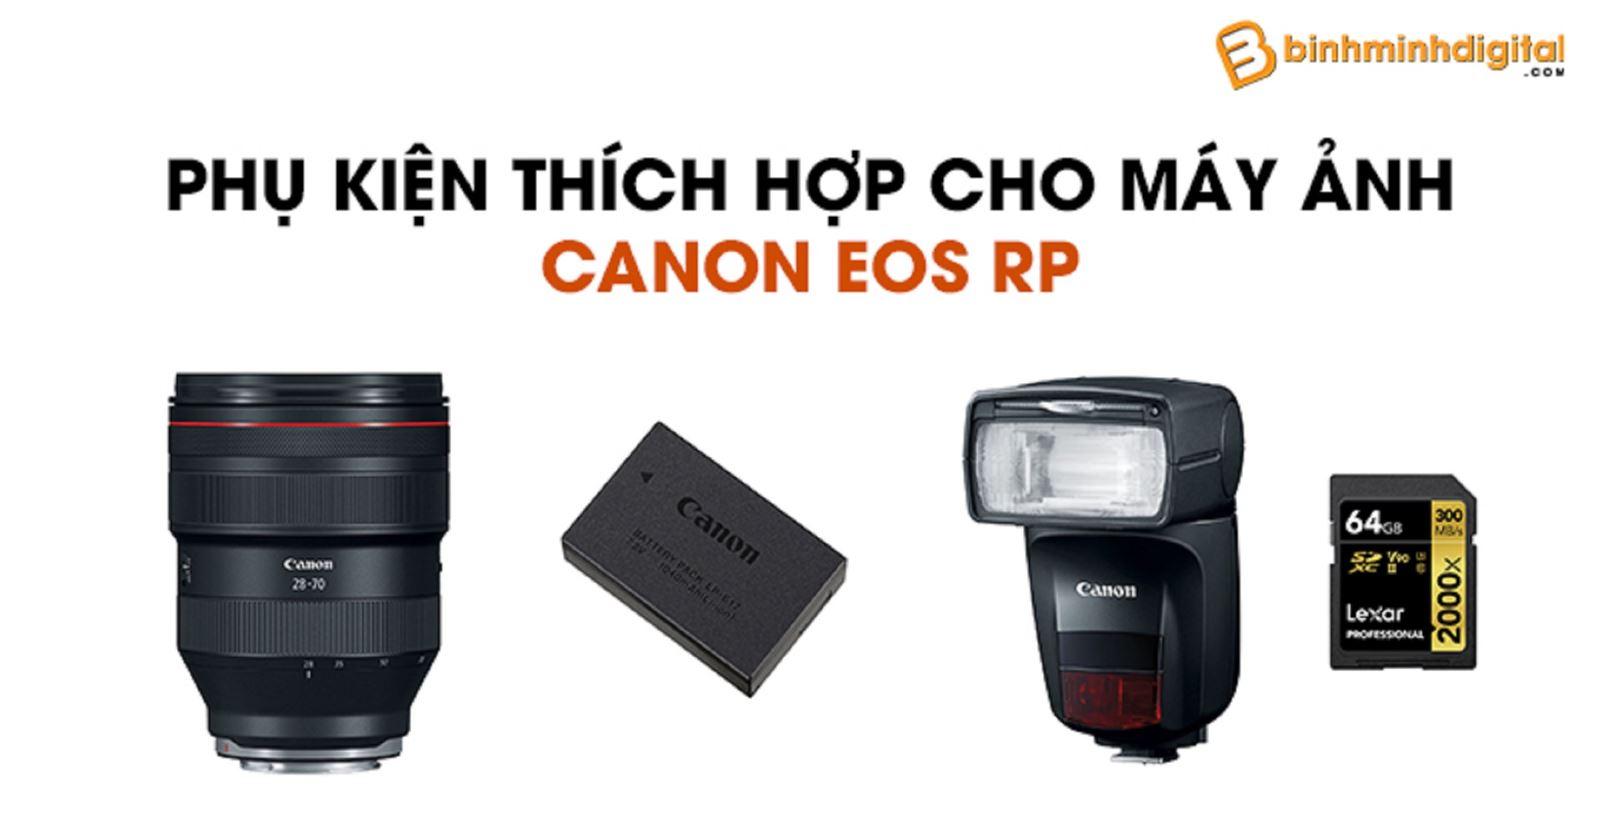 Phụ kiện thích hợp cho máy ảnh Canon EOS RP